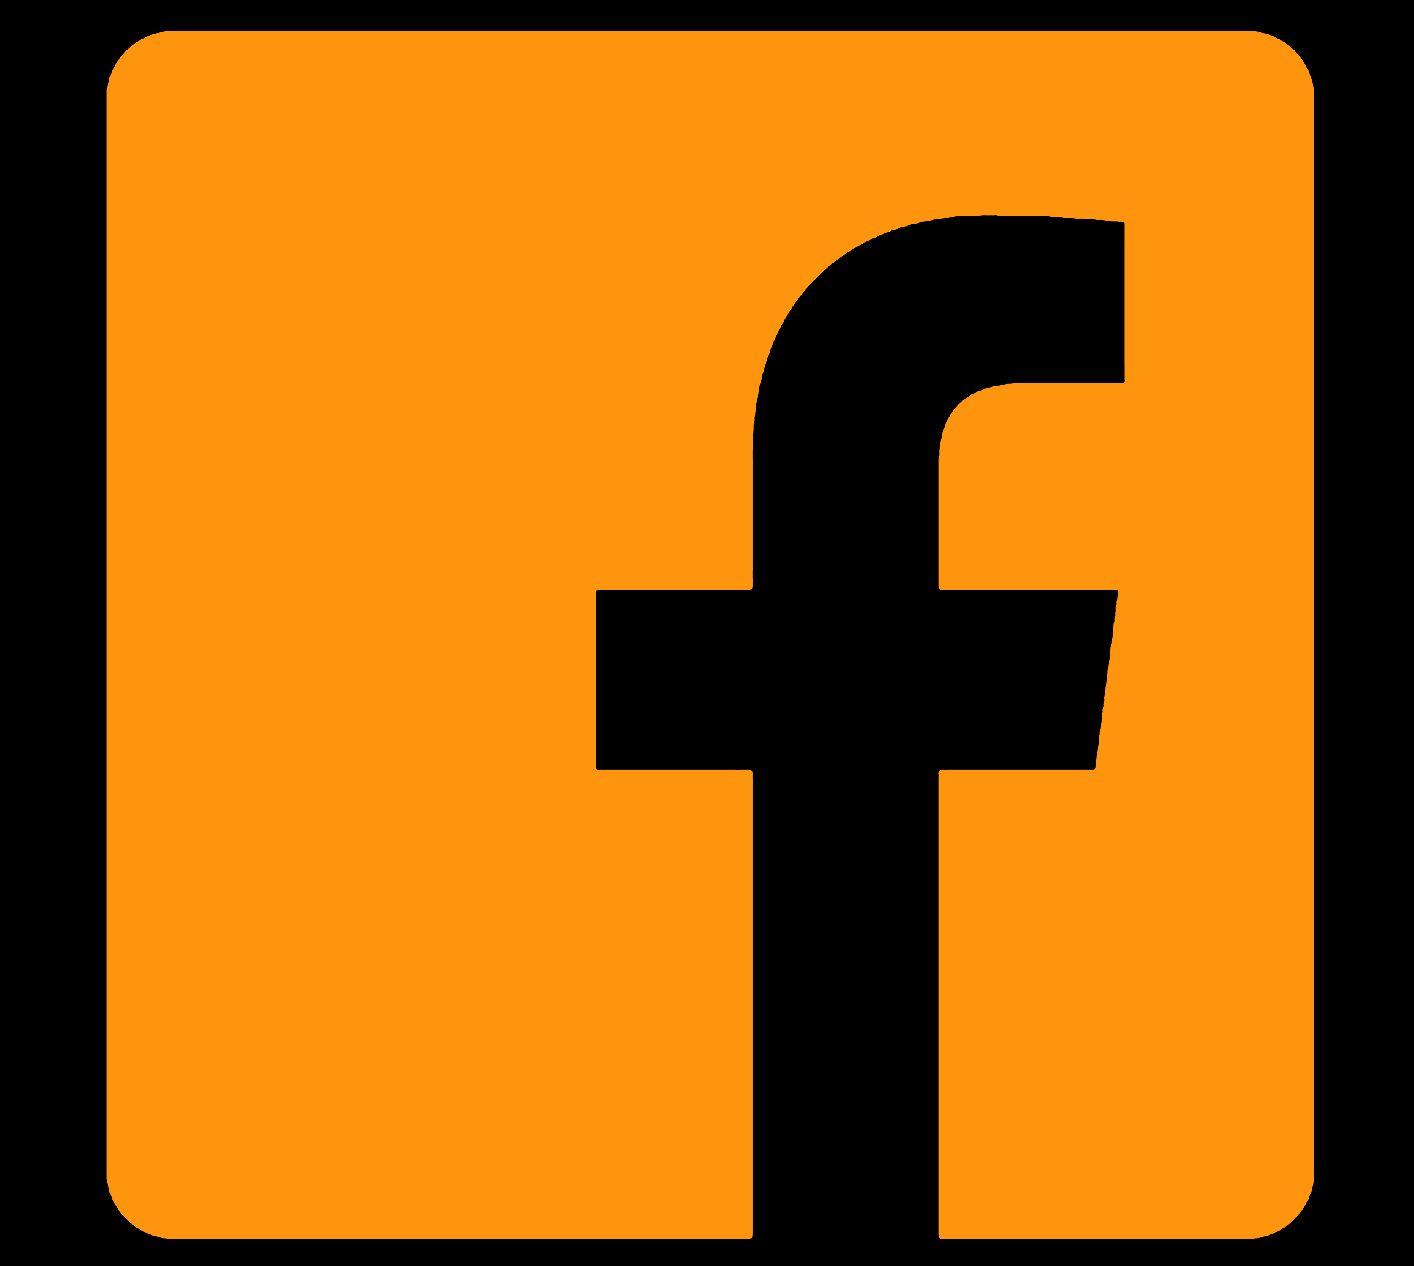 Polub nas na facebooku